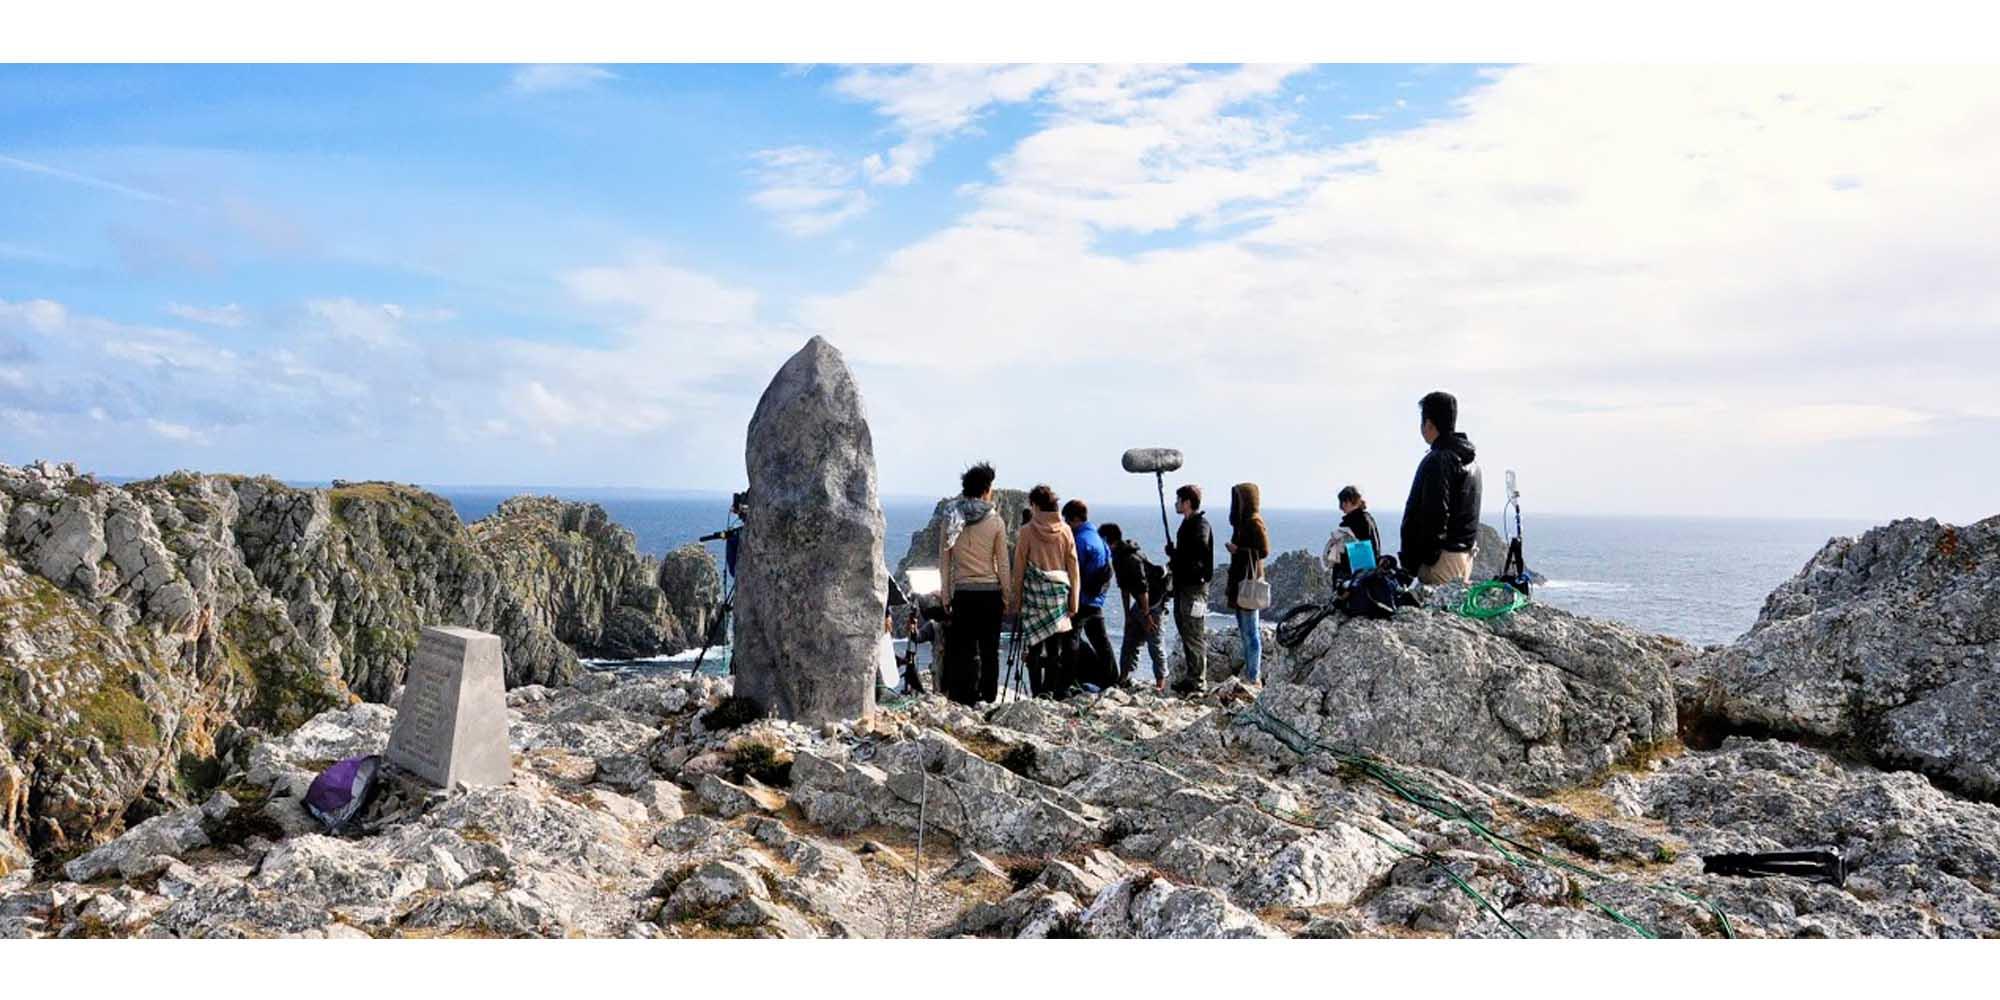 sculpture et réalisation d'un menhir décor de cinéma pour un tournage en bretagne